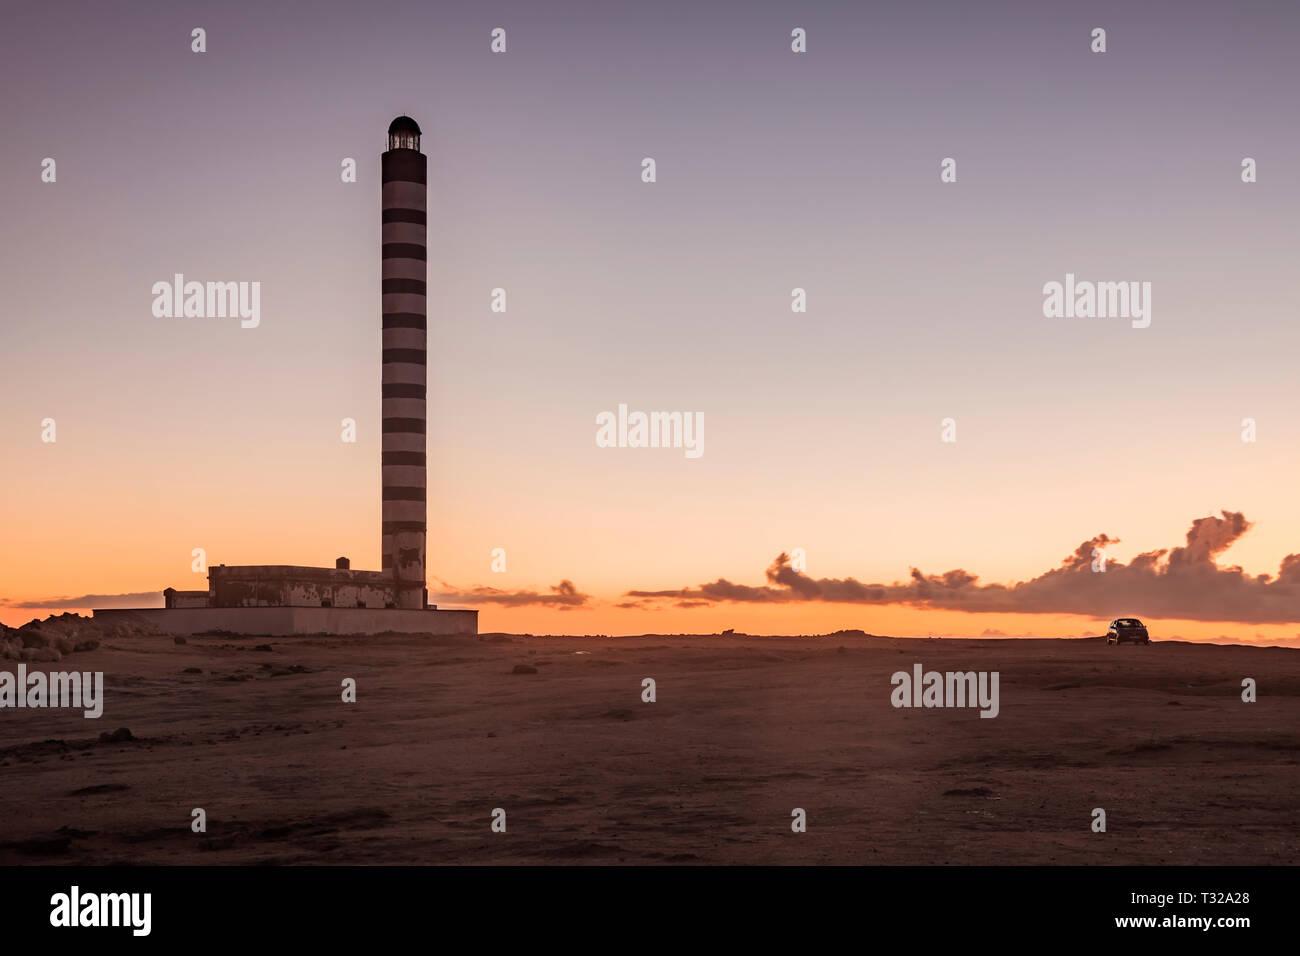 Lighthouse in Dakhla. Dakhla, Western Sahara, Morocco. - Stock Image